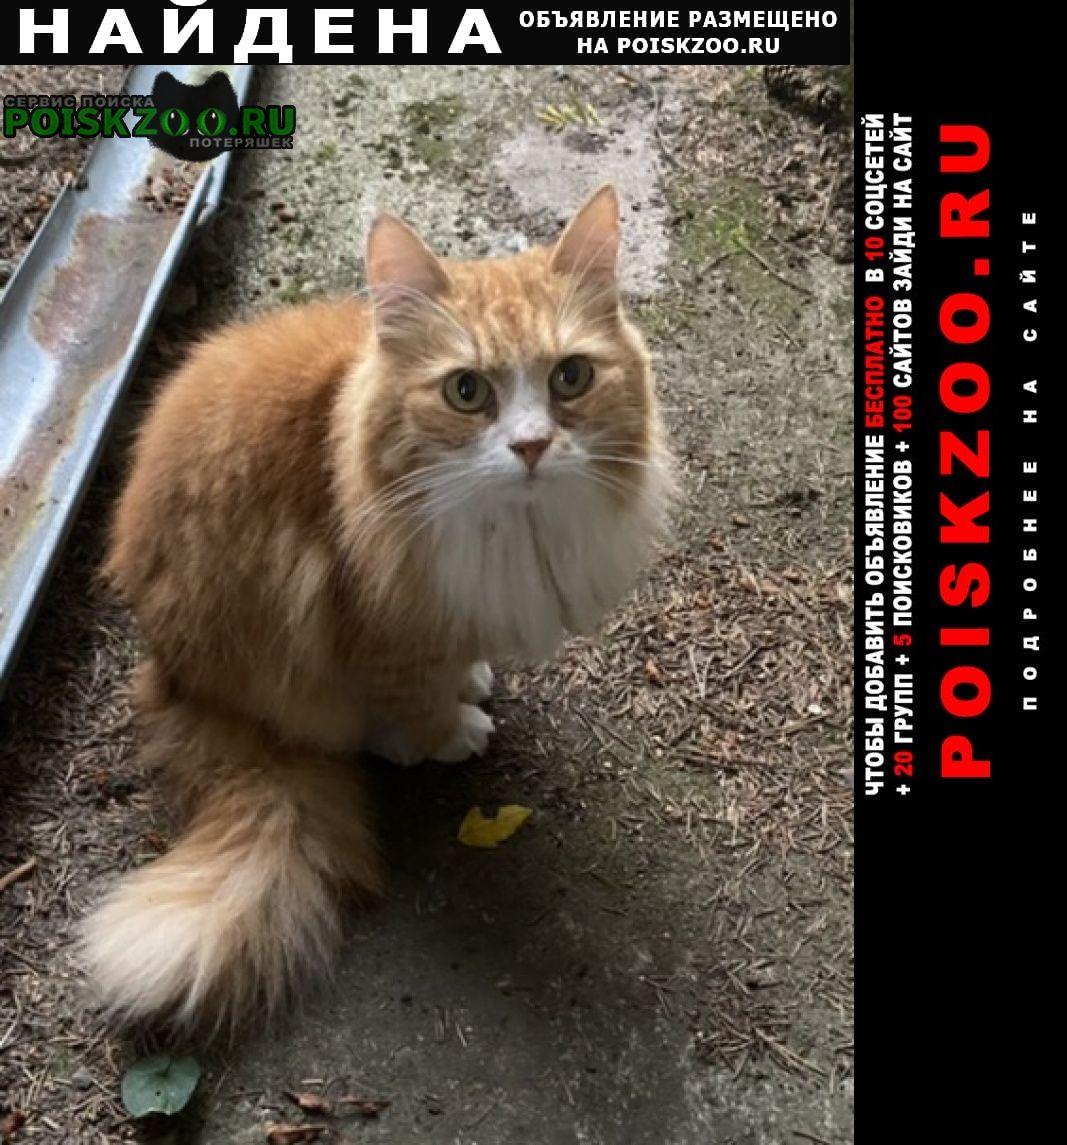 Найдена кошка снт вишневское Зеленогорск (Ленинградская обл.)